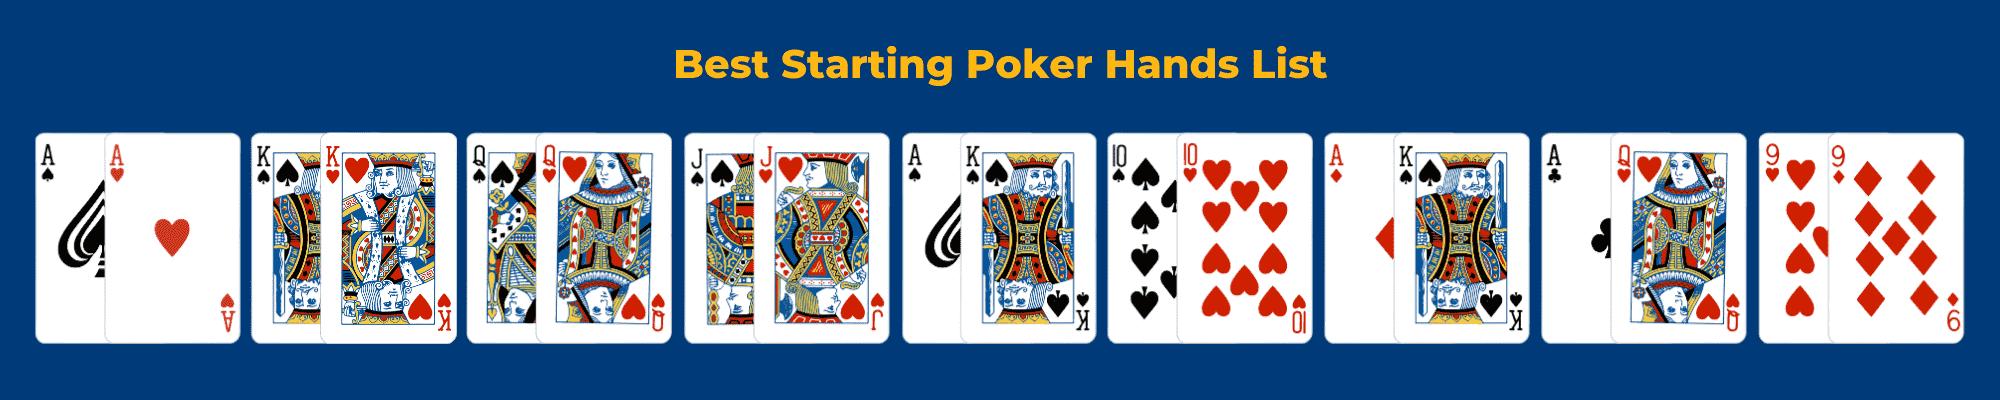 Top 10 Best Starting Poker Hands List